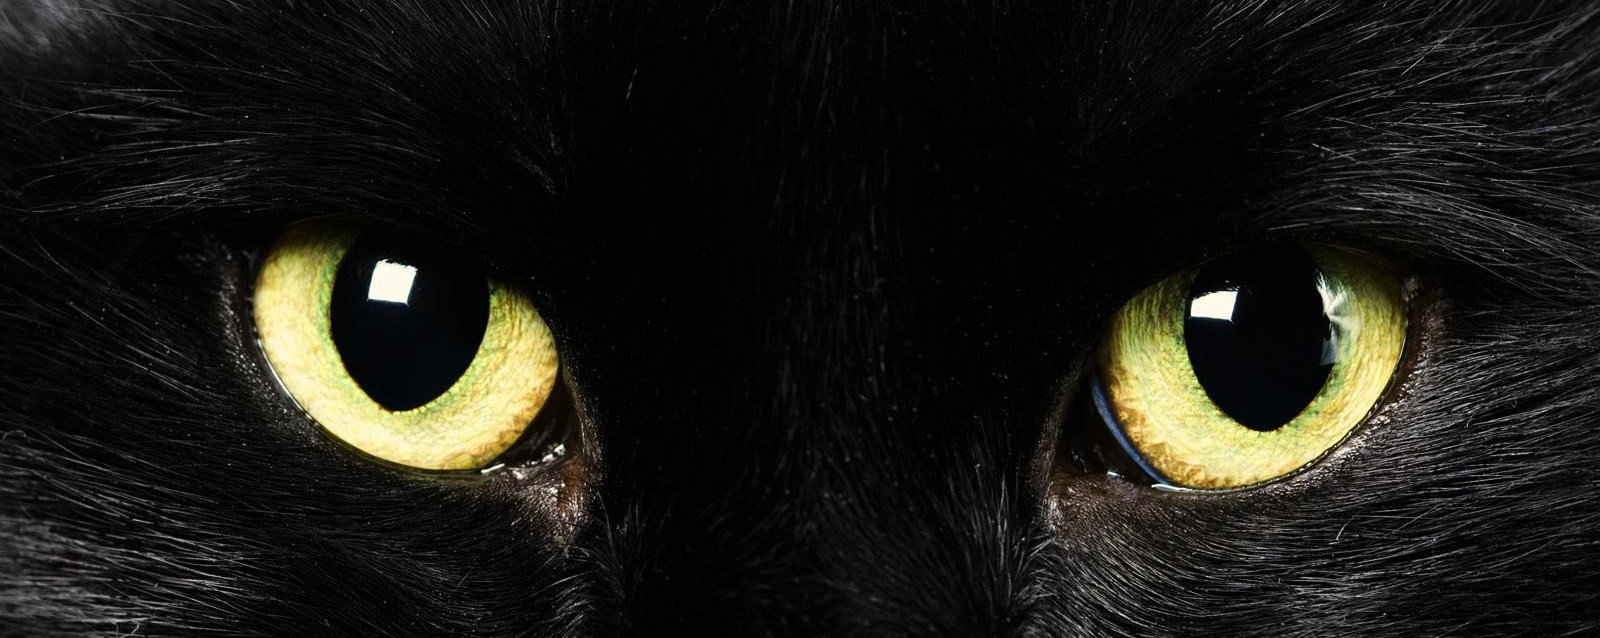 Crece el gusto por gatos negros, sospechan que son para ritos satánicos